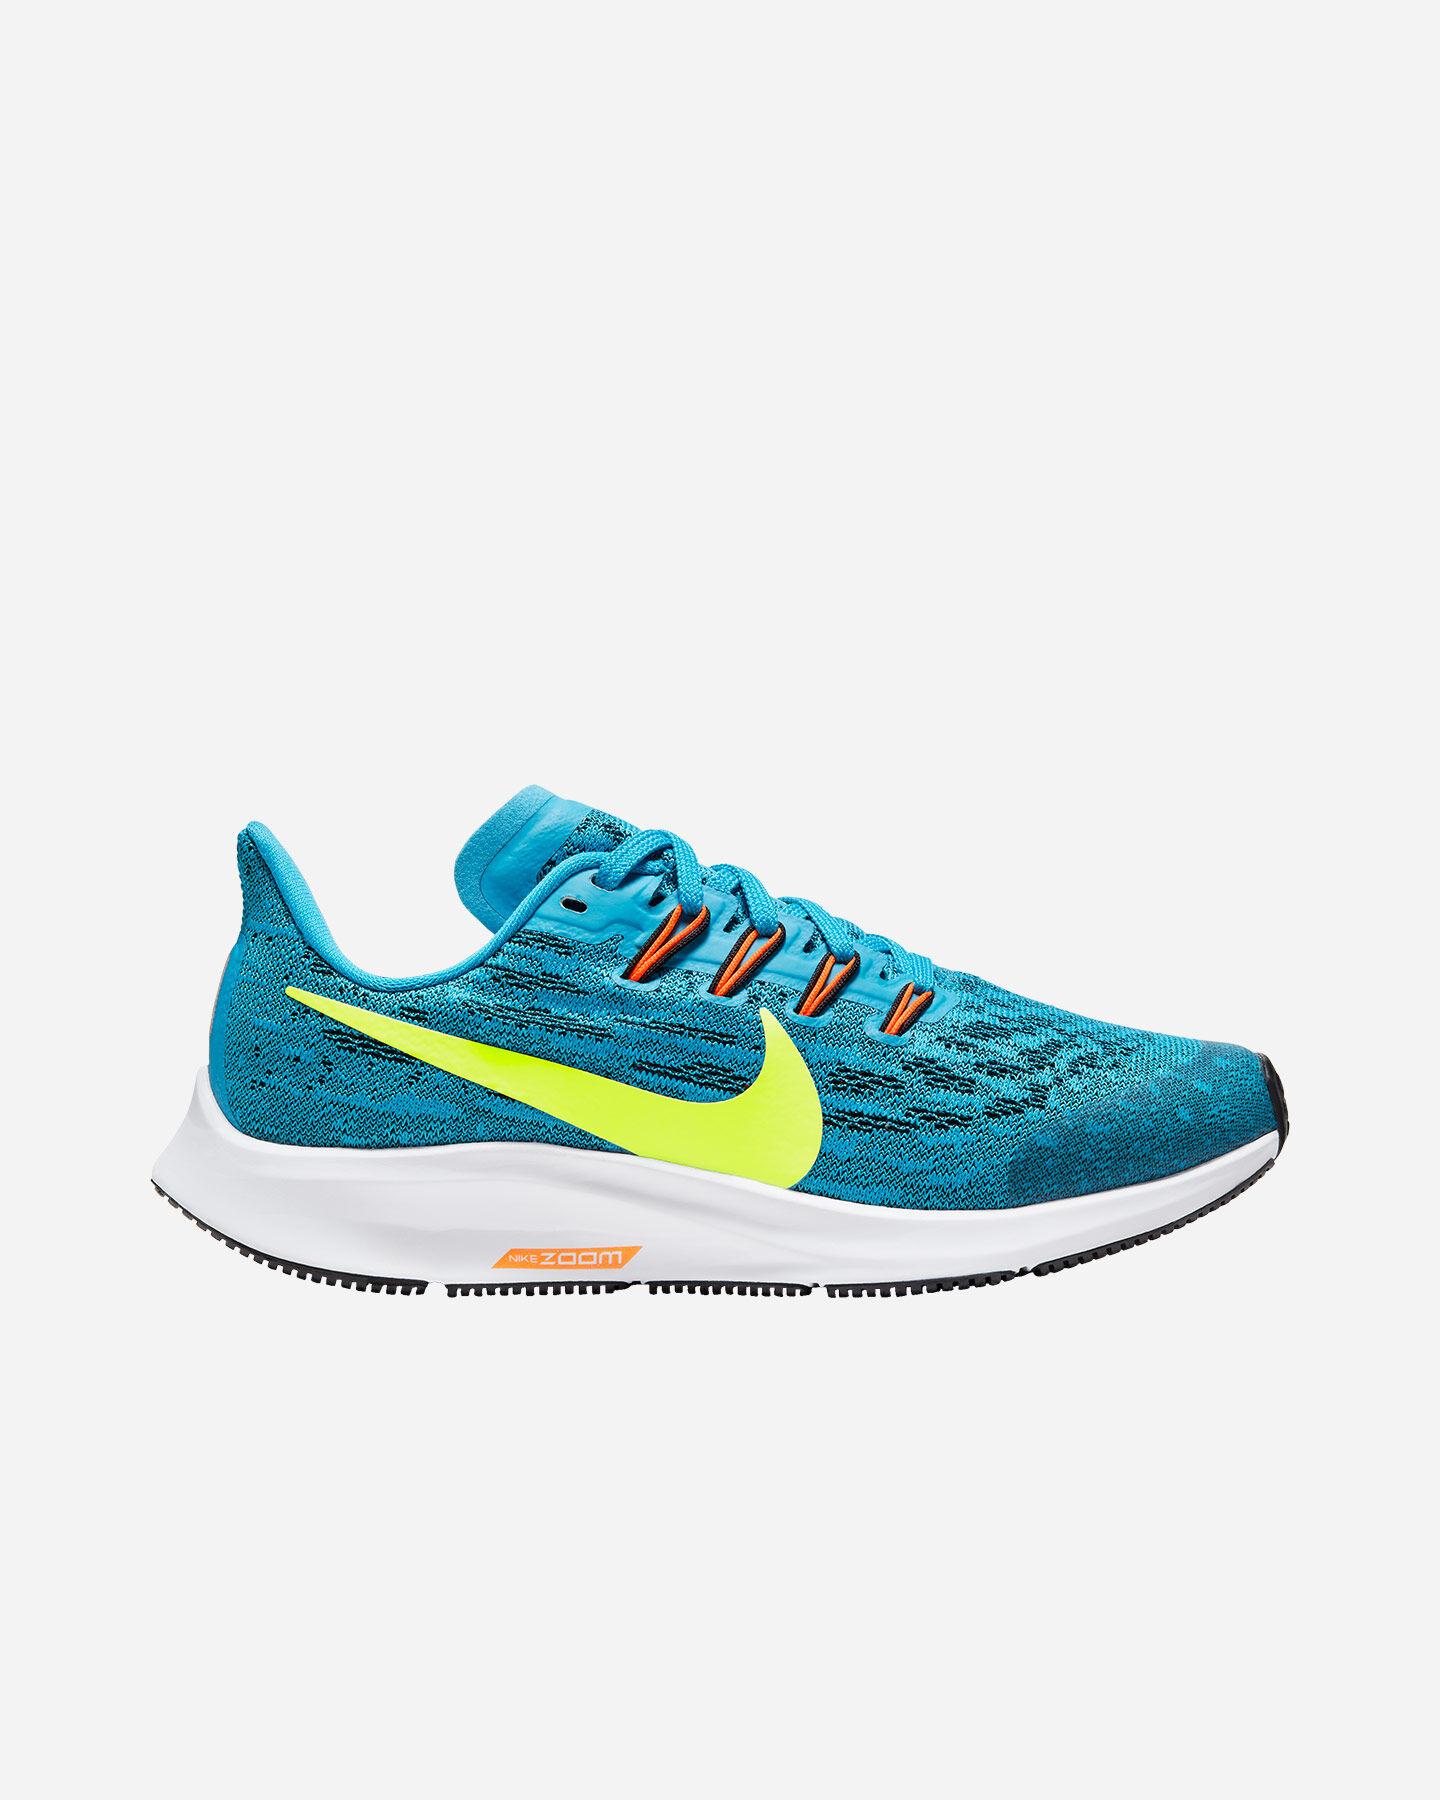 Nike Bambino Nike Cisalfa Scarpe Bambino Bambino Scarpe Nike